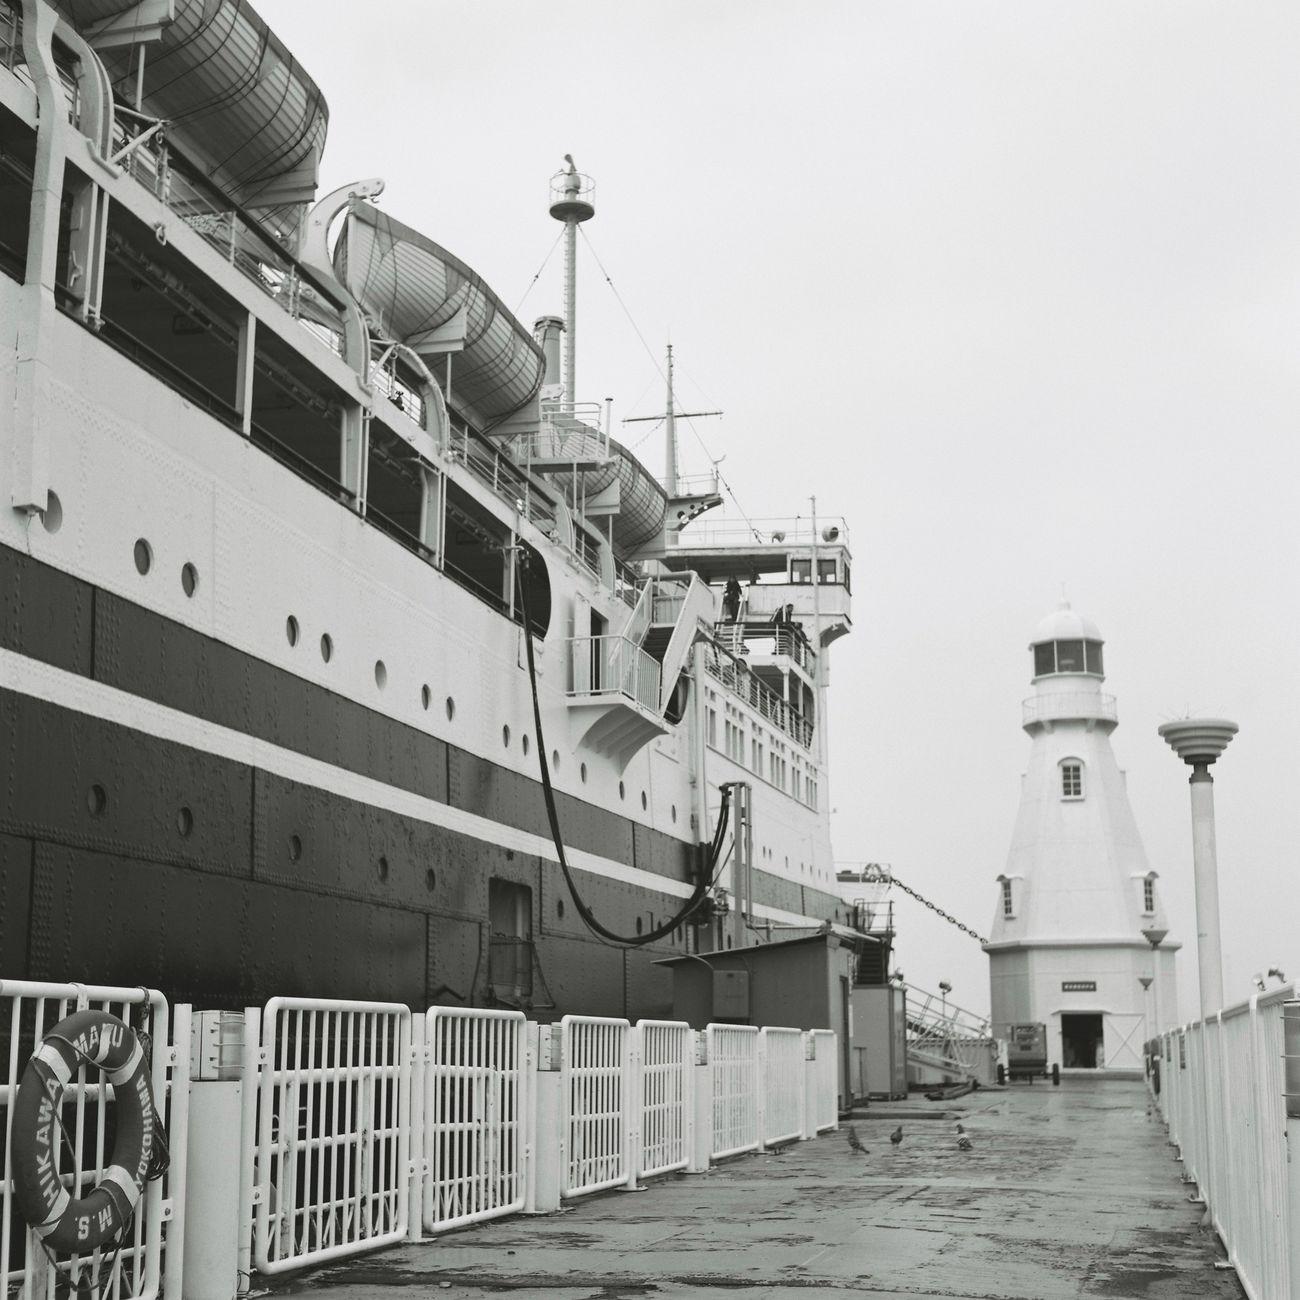 初めてのローライコードでの撮影 Rolleicord Film Photography Monochrome Blackandwhite Yokohama Taking Photos Hello World ローライコード EyeEm Best Shots Eyeemphotography